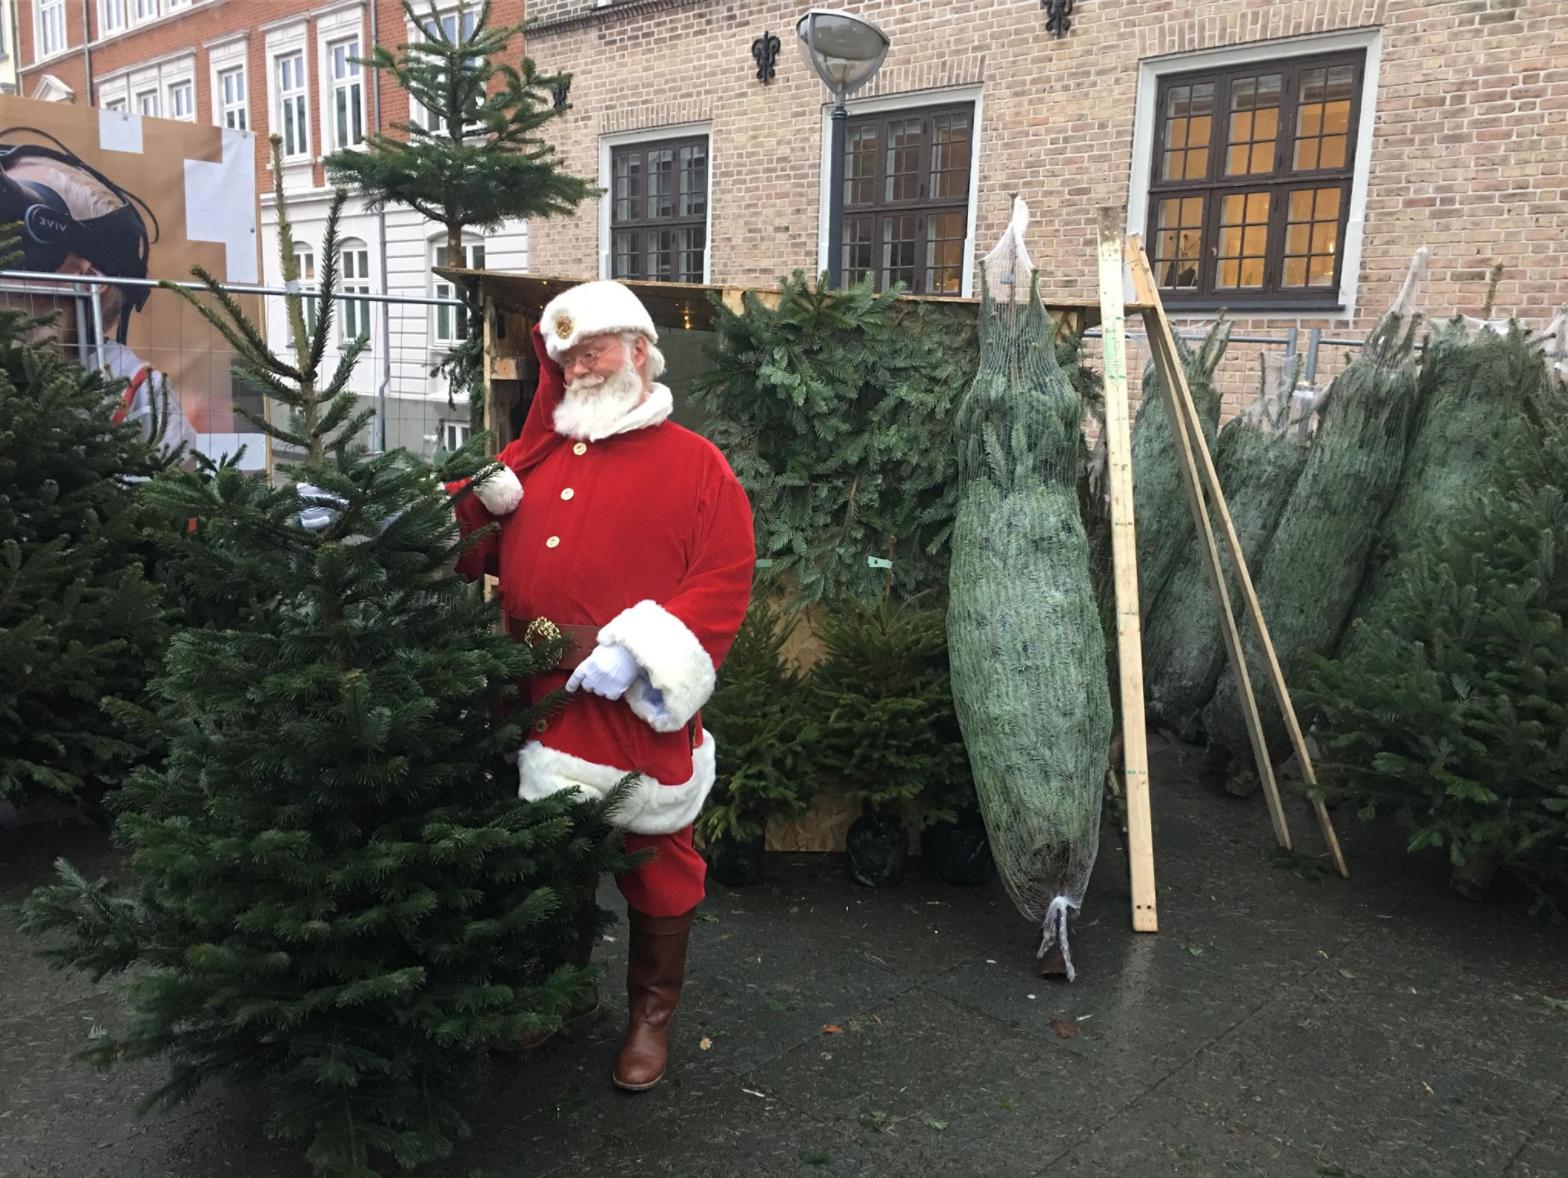 Utraditionelt studiejob: Sælger juletræer midt inde i Aalborg